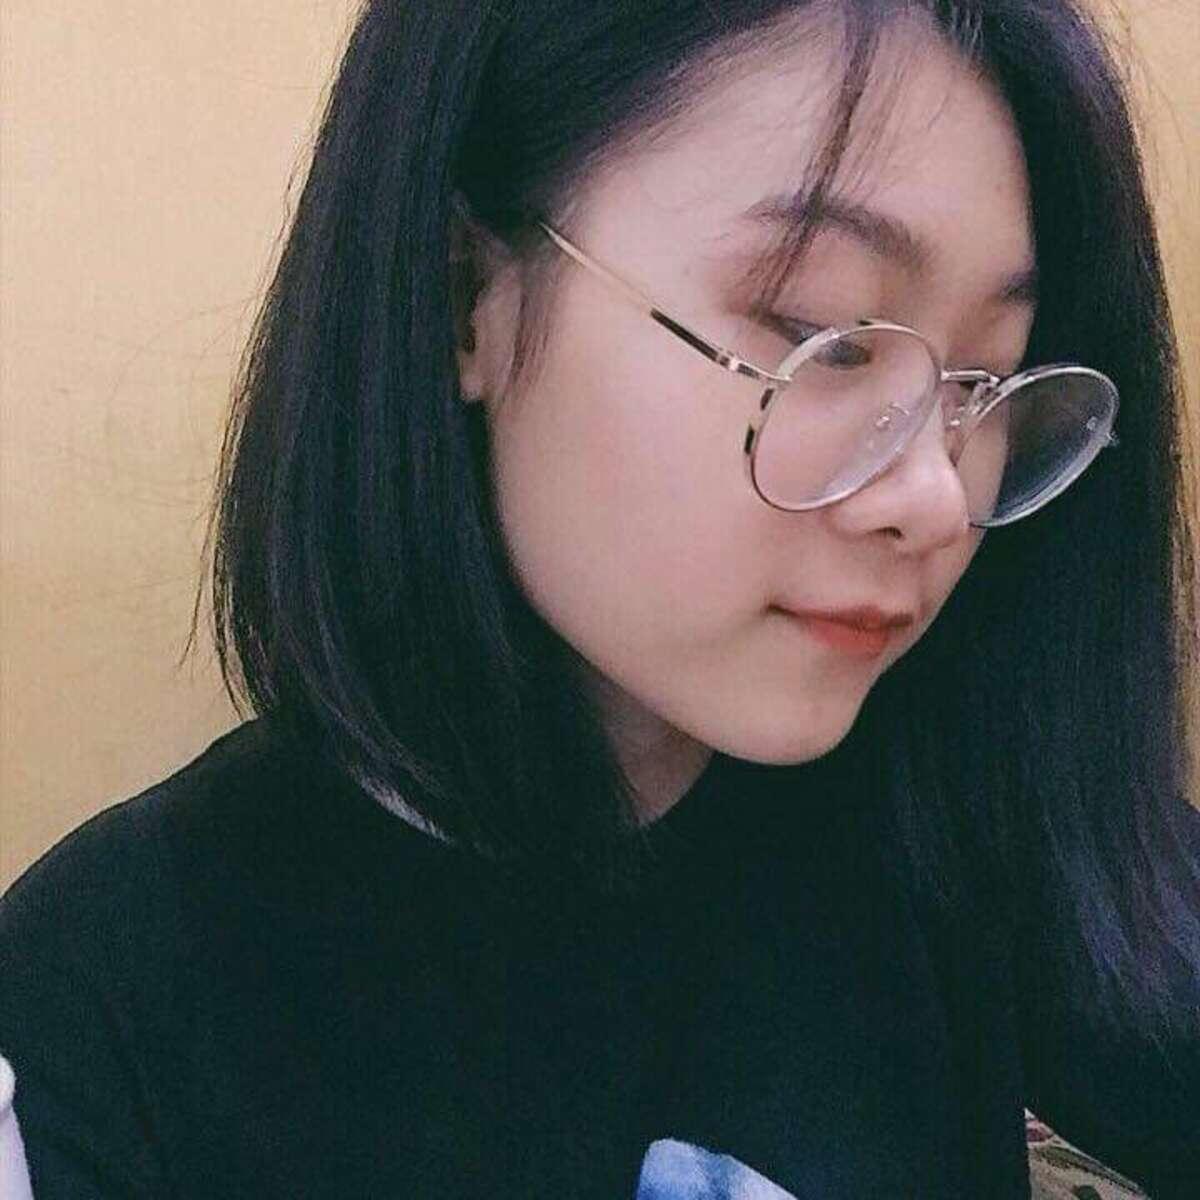 Kim phương Thảo